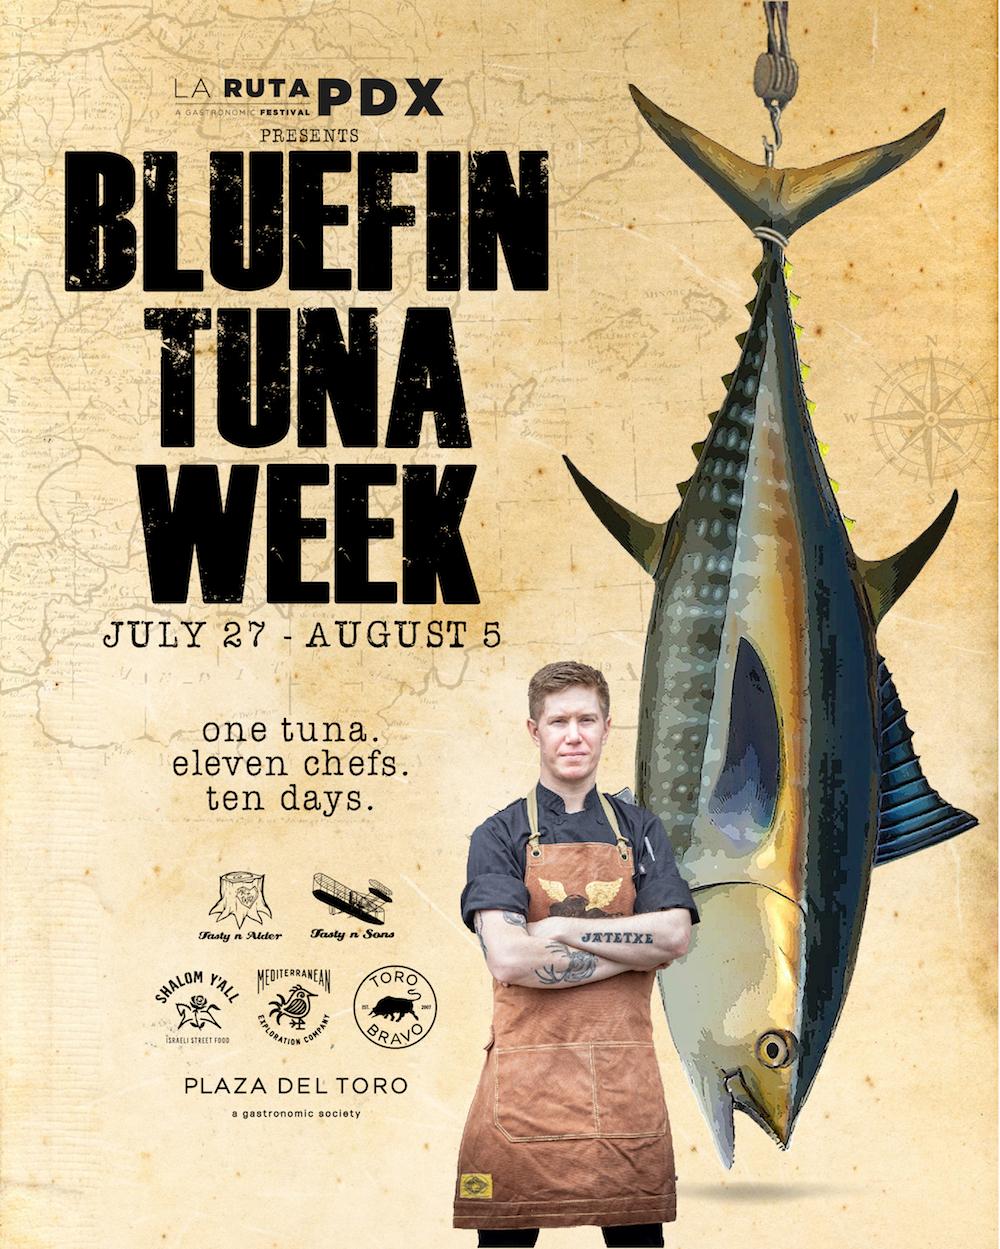 Bluefin Tuna Week